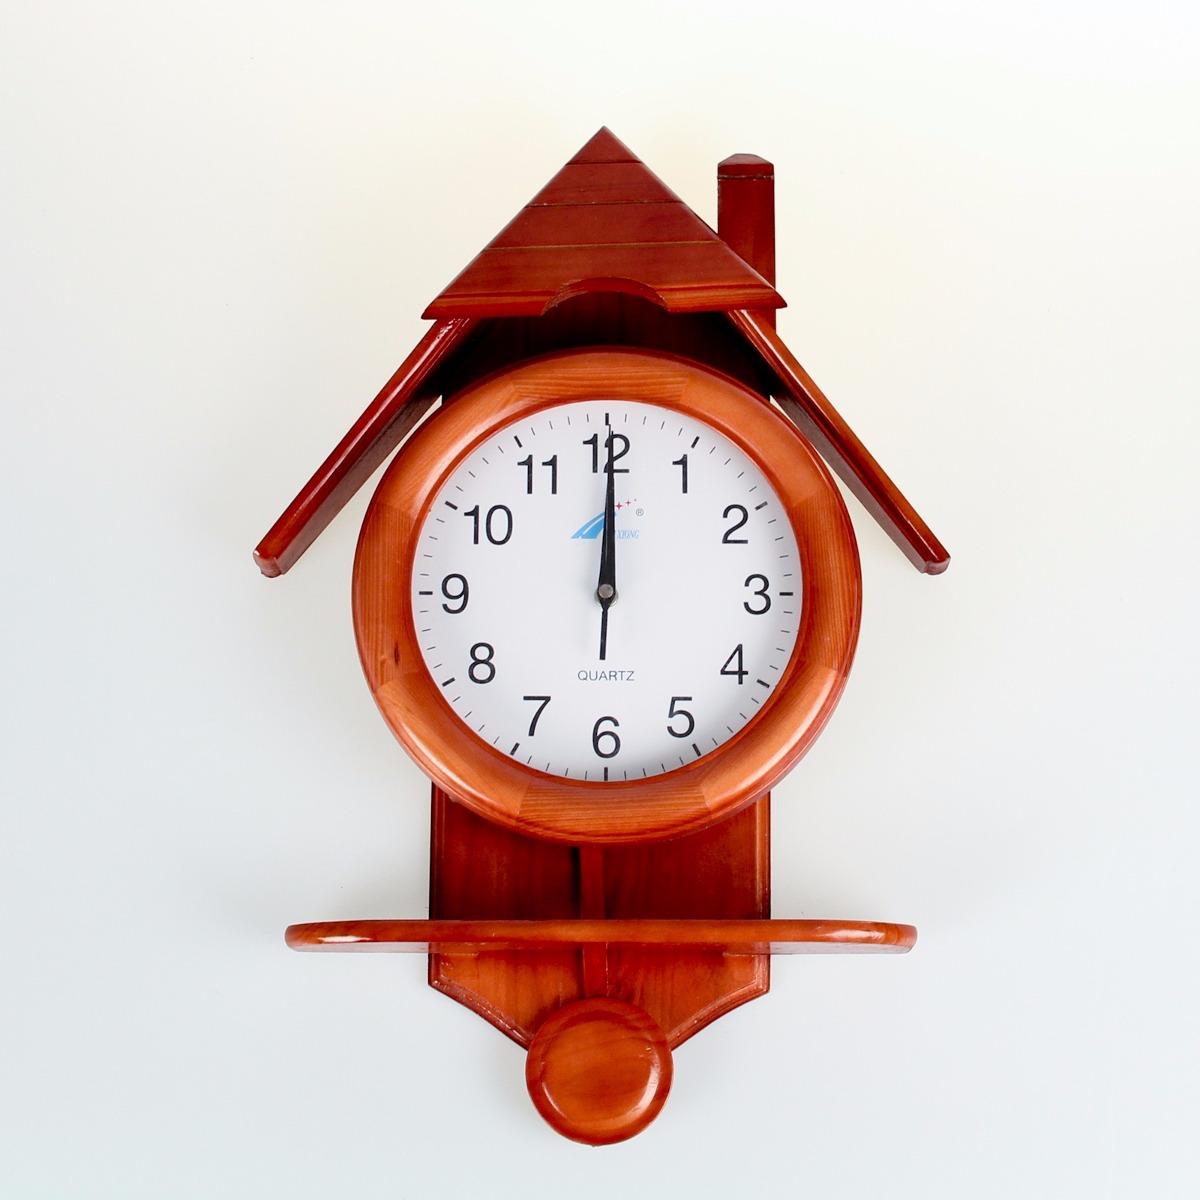 6b8bc5e5ad7a reloj de pared con forma de casita. c pendulo. es de madera. Cargando zoom.